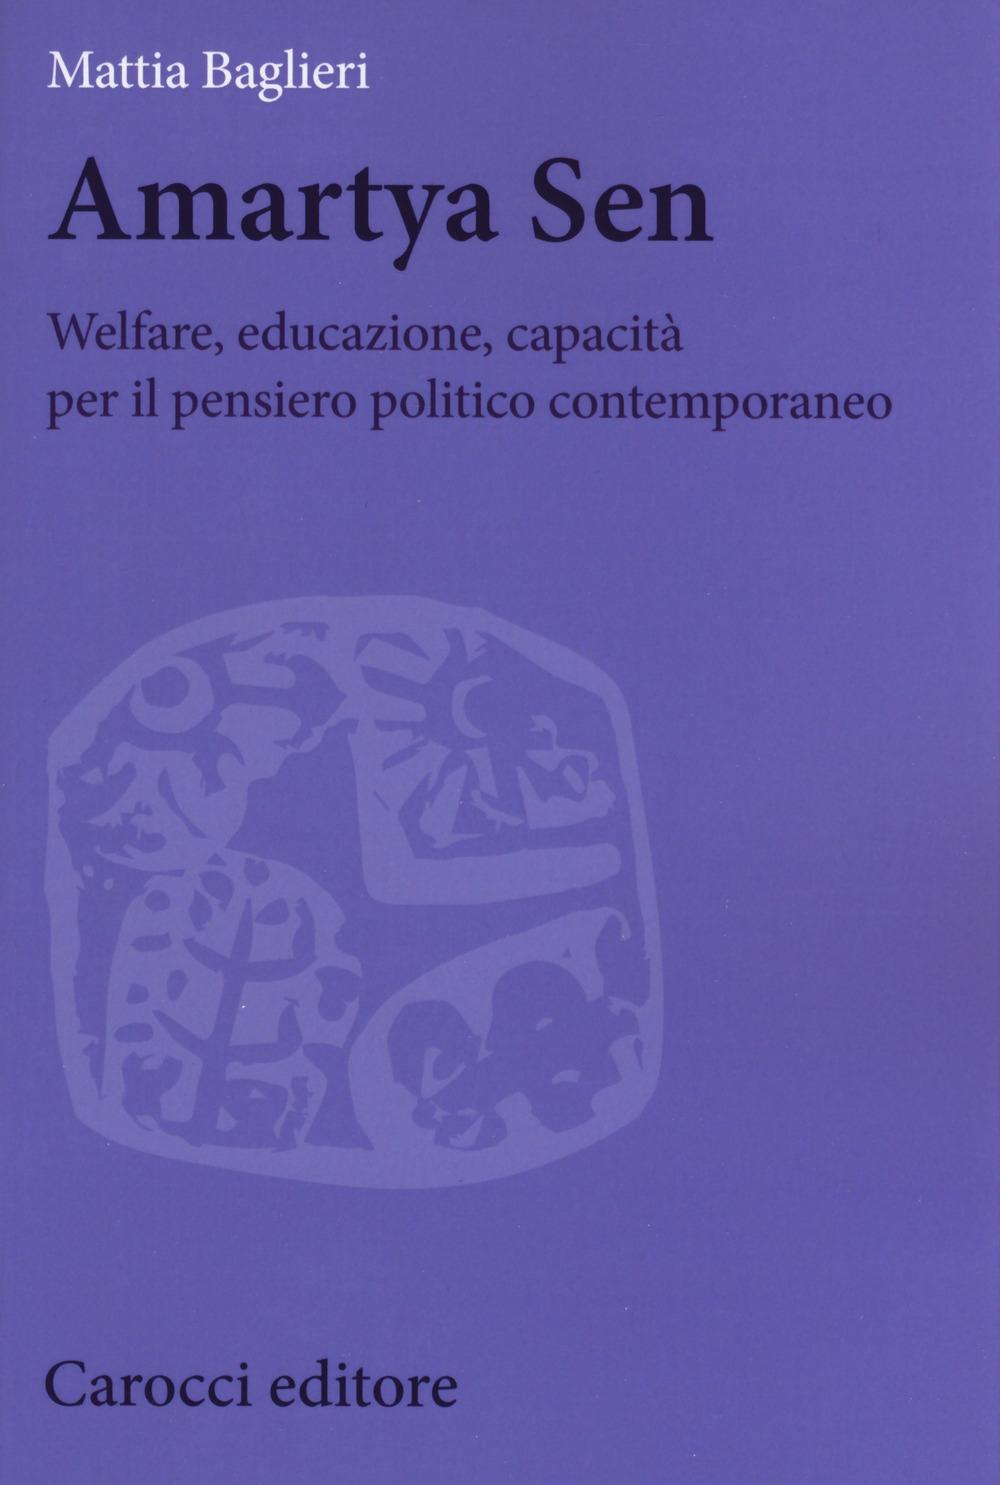 Amartya Sen. Welfare, educazione, capacità per il pensiero politico contemporaneo